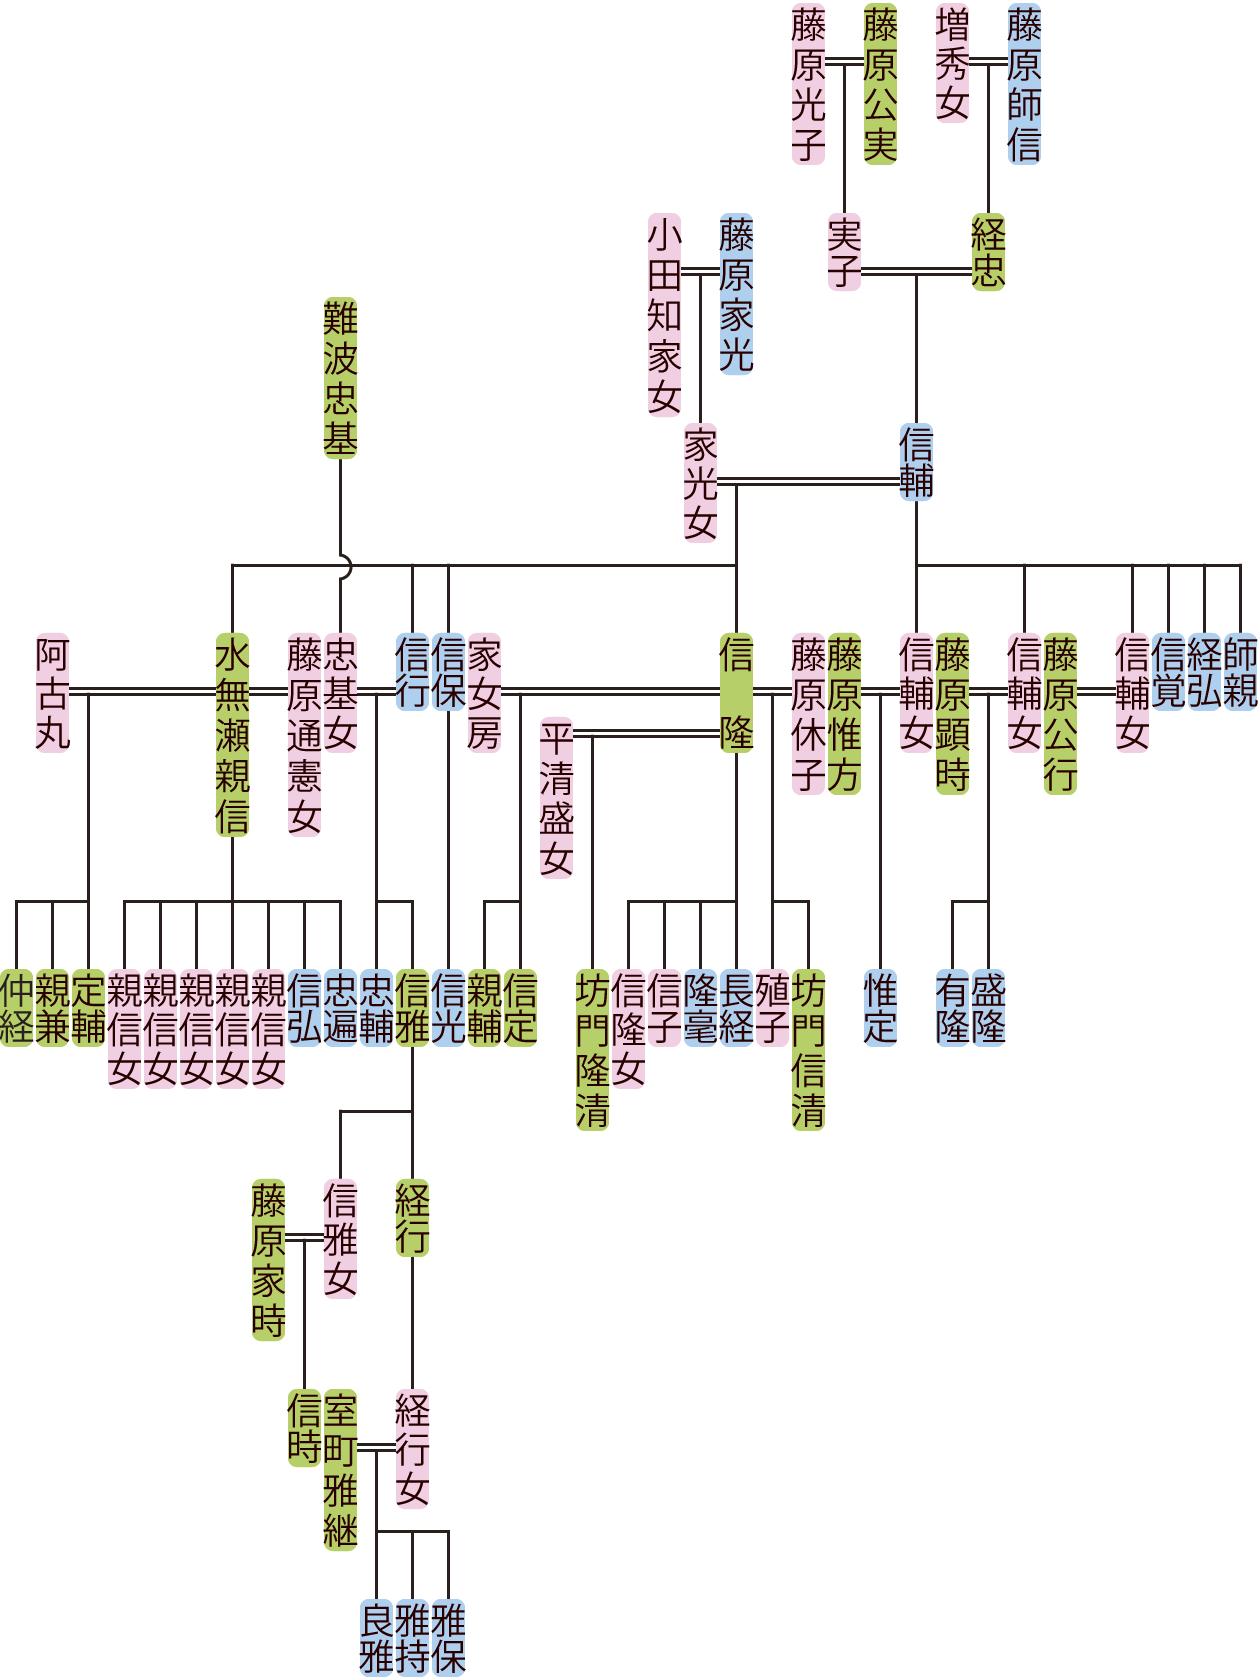 藤原信輔の系図